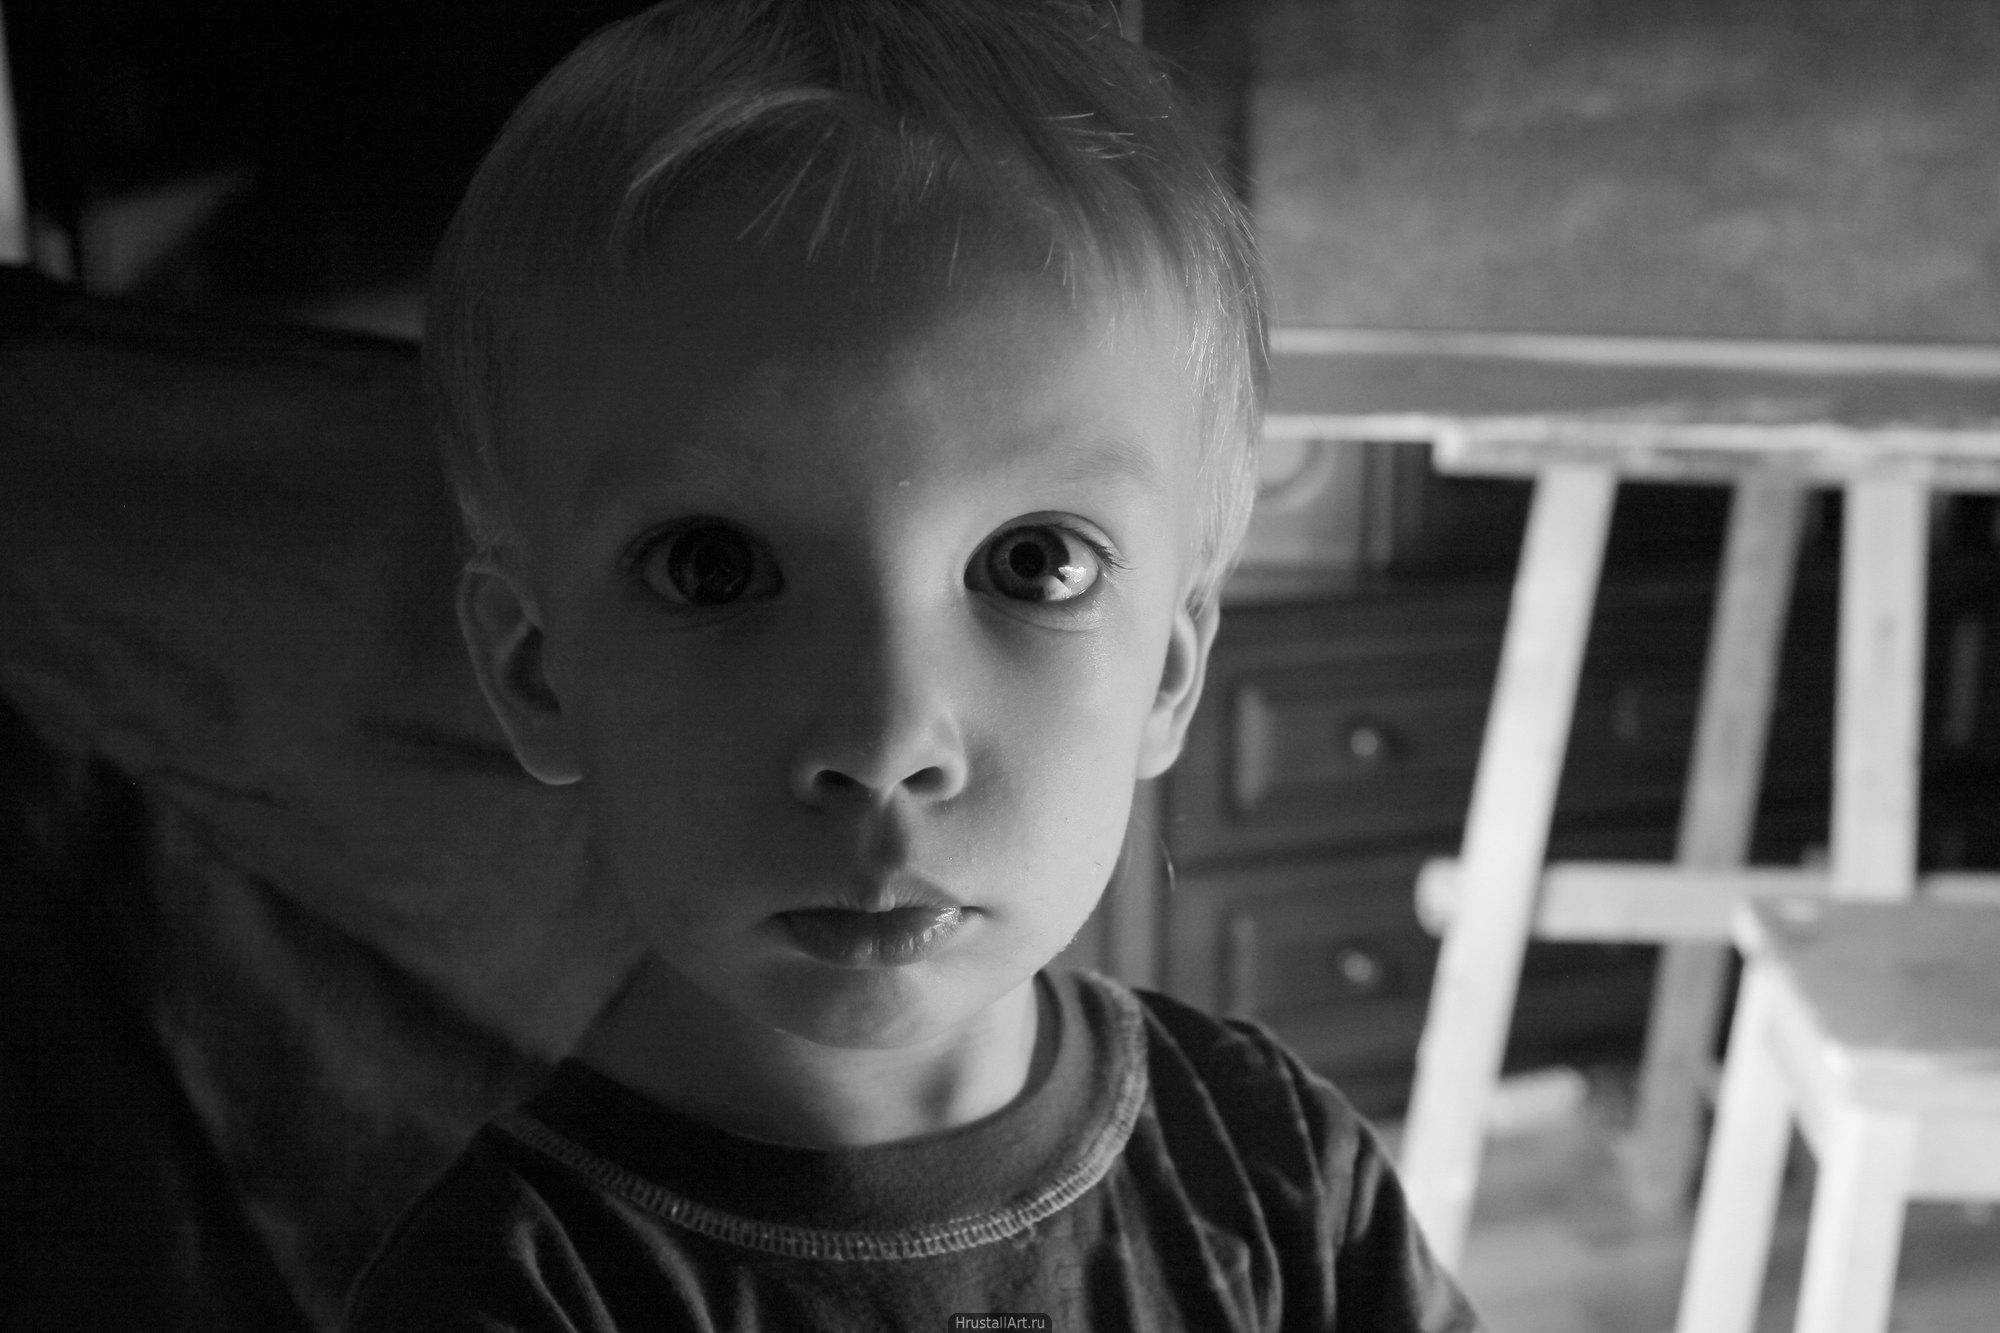 Ребенок с крупными глазами.